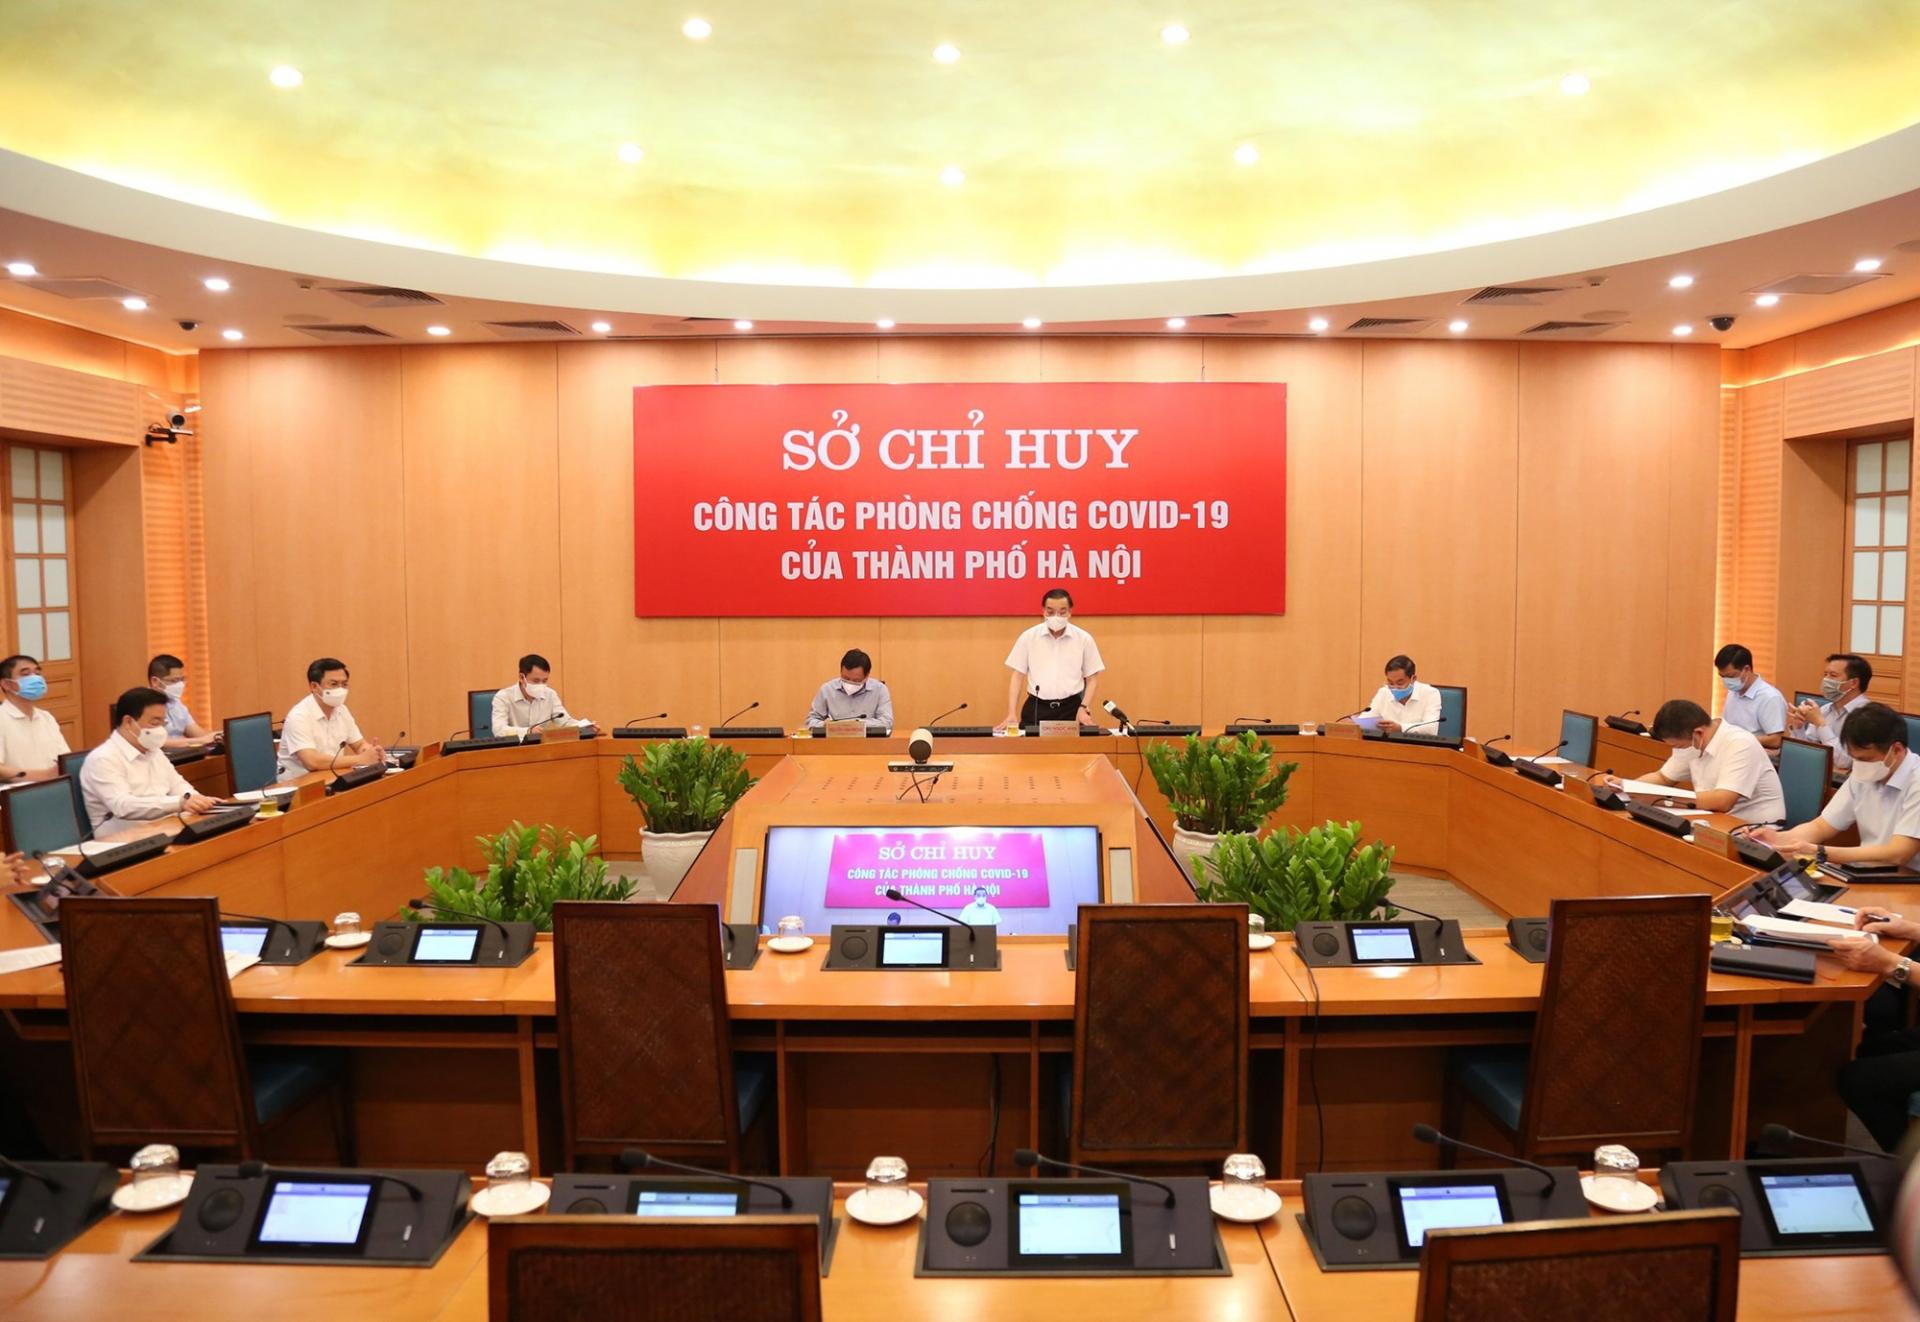 Chủ tịch UBND Thành phố Hà Nội Chu Ngọc Anh: Những ngày giãn cách còn lại có ý nghĩa rất quan trọng